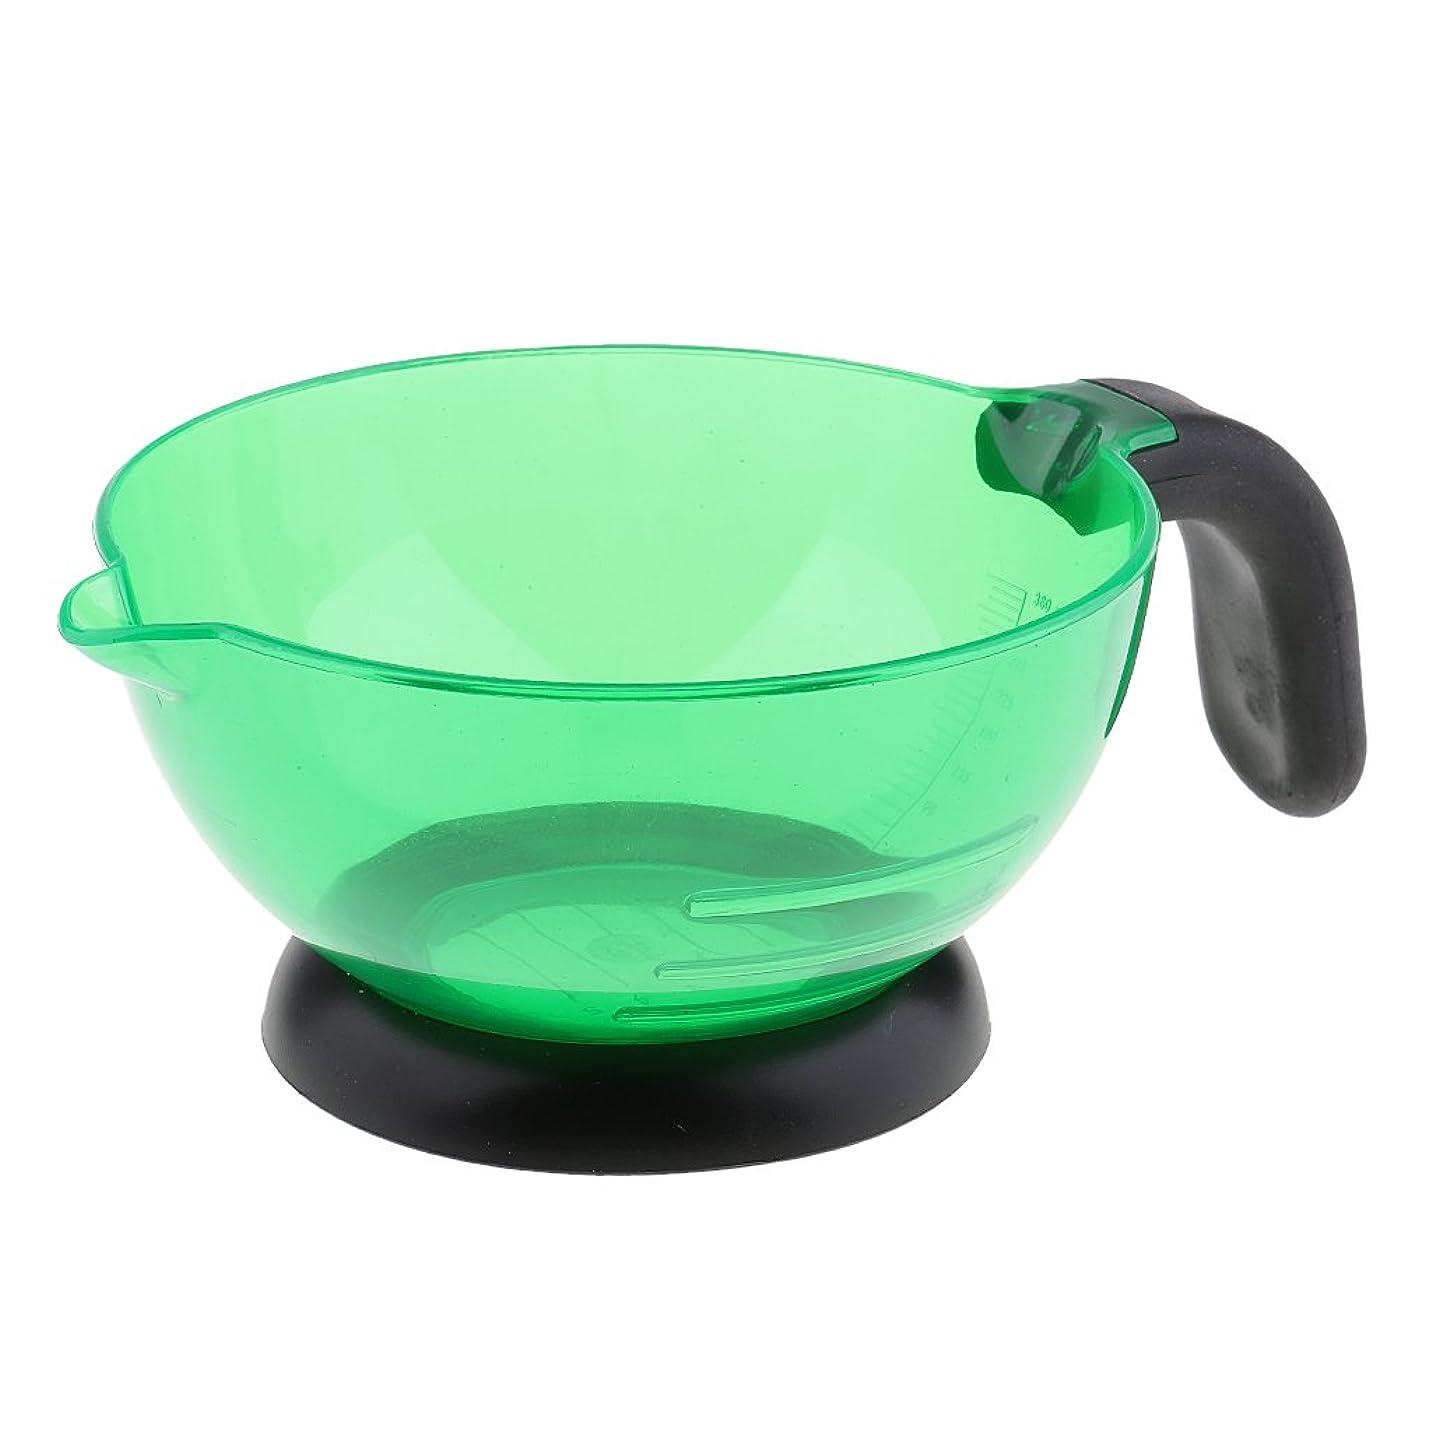 独立した少数肥沃なBaosity 全3色選べ 高品質 シリコン 多機能 美容室/サロン 染剤ボウル ヘアカラー 染め用具  - 緑